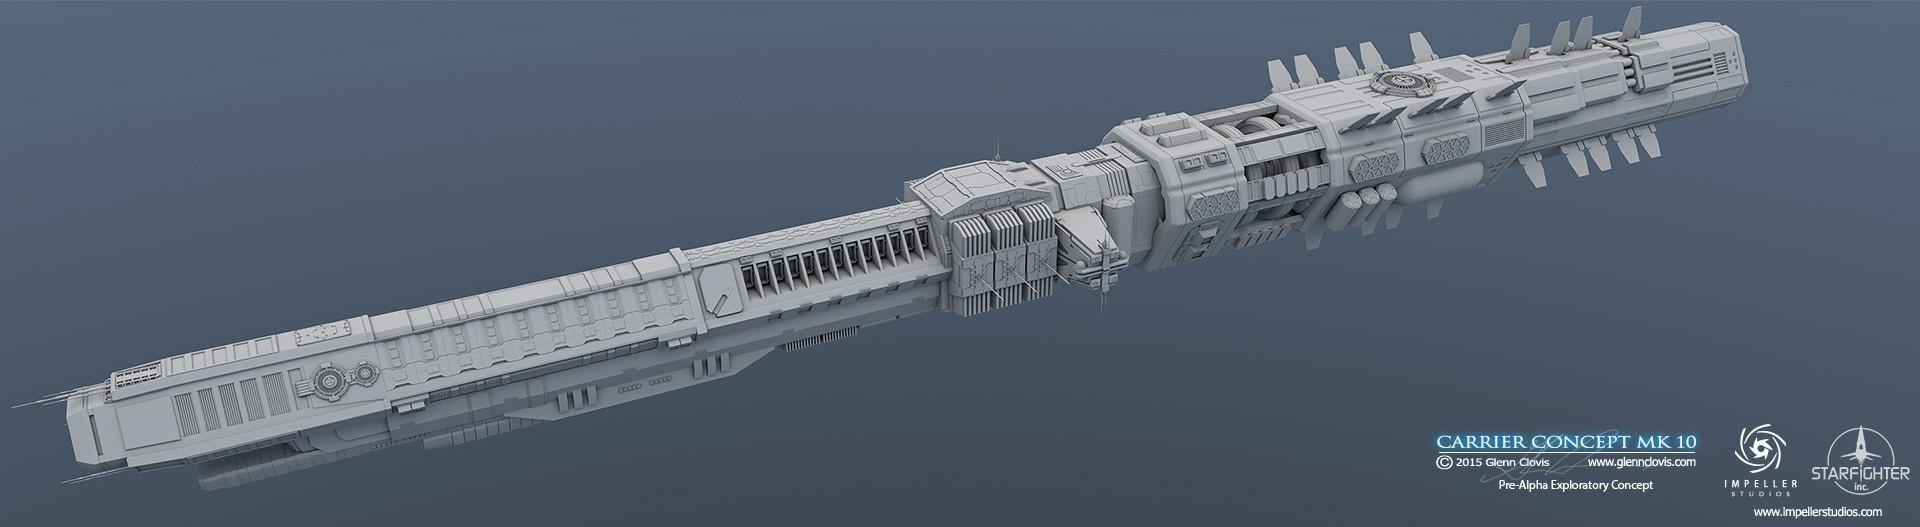 Glenn clovis carrier concept mk10 hdr by glennclovis